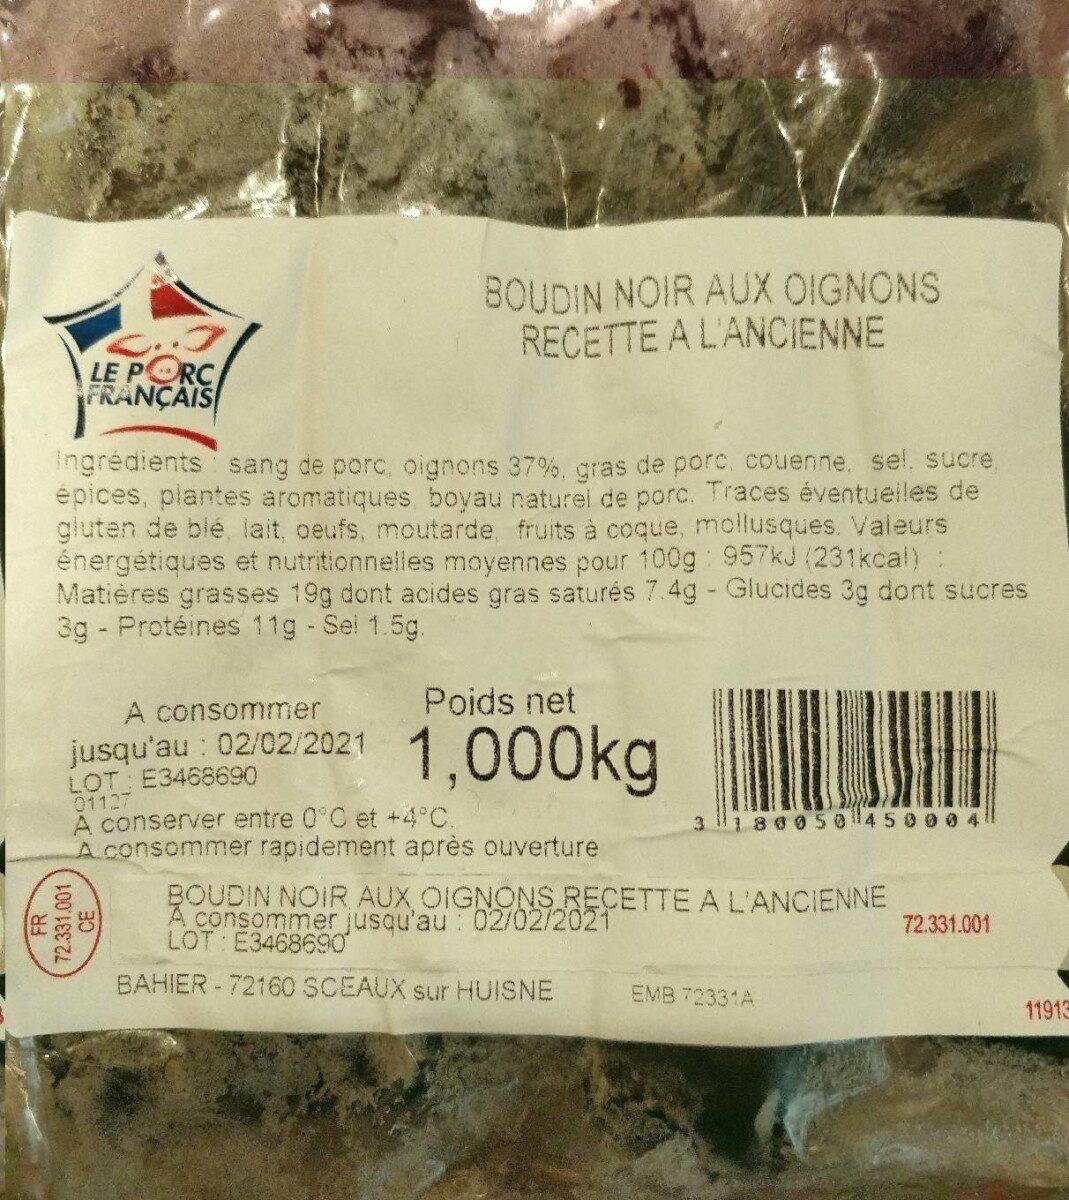 Boudin noir aux oignons recette à l'ancienne - Produit - fr